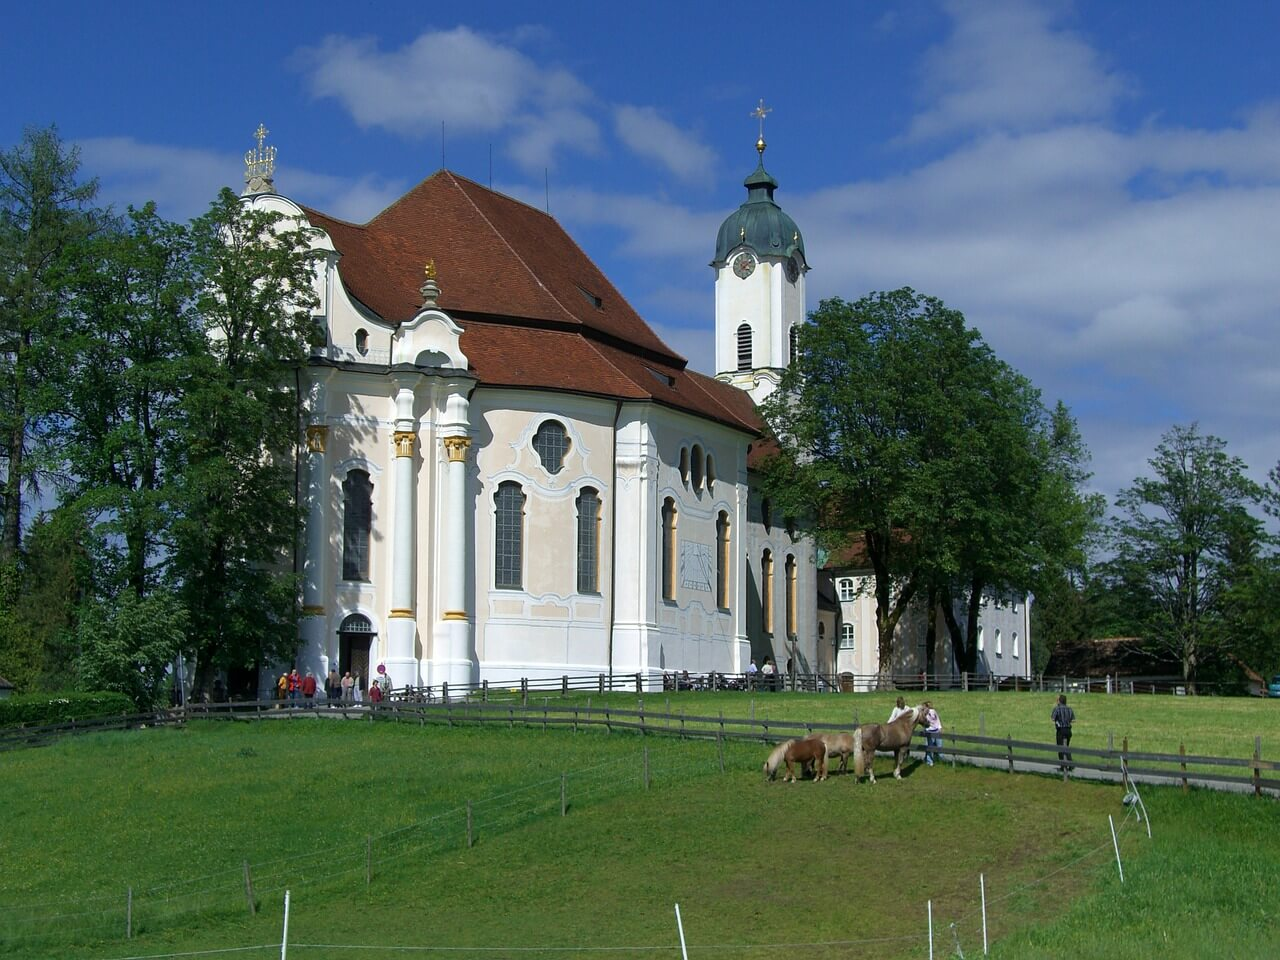 ヴィースの巡礼教会の画像 p1_33